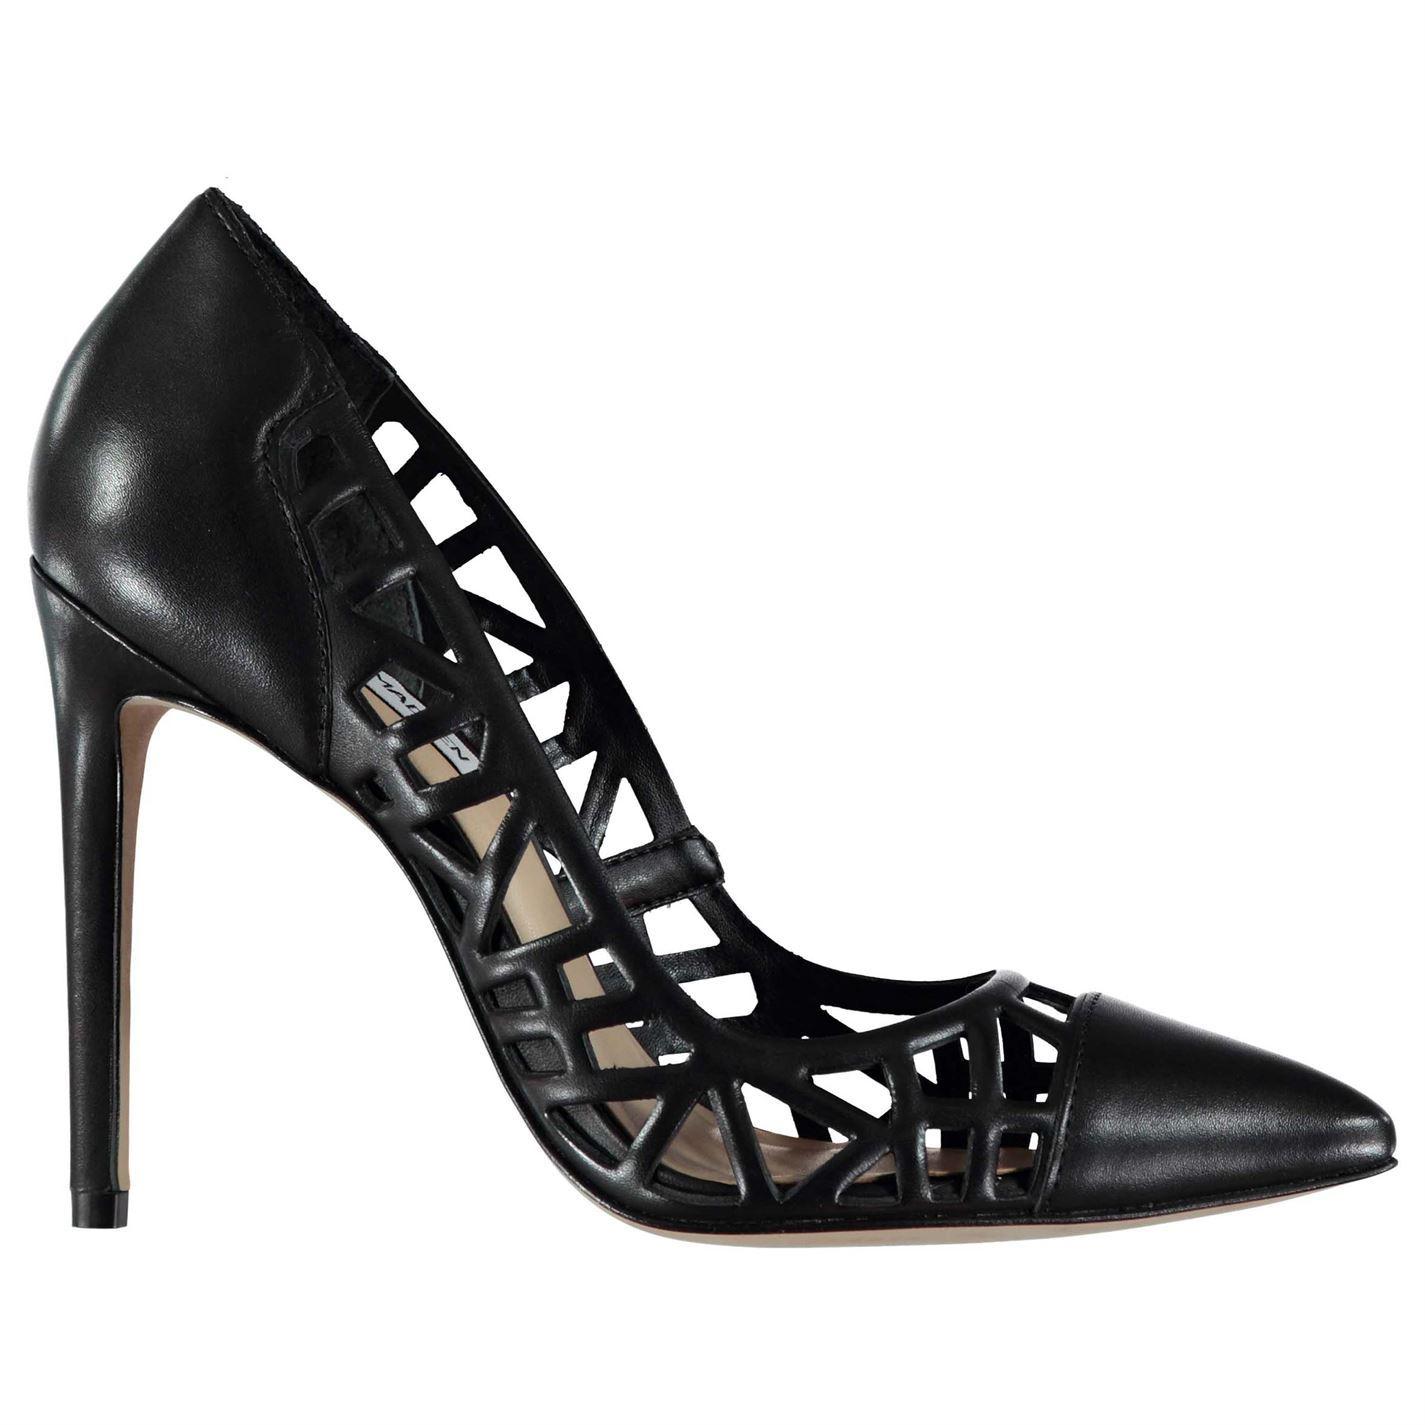 Steve Madden Damenschuhe Princess Heels Slip On Schuhes Tonal Stitching Cut Out Leder